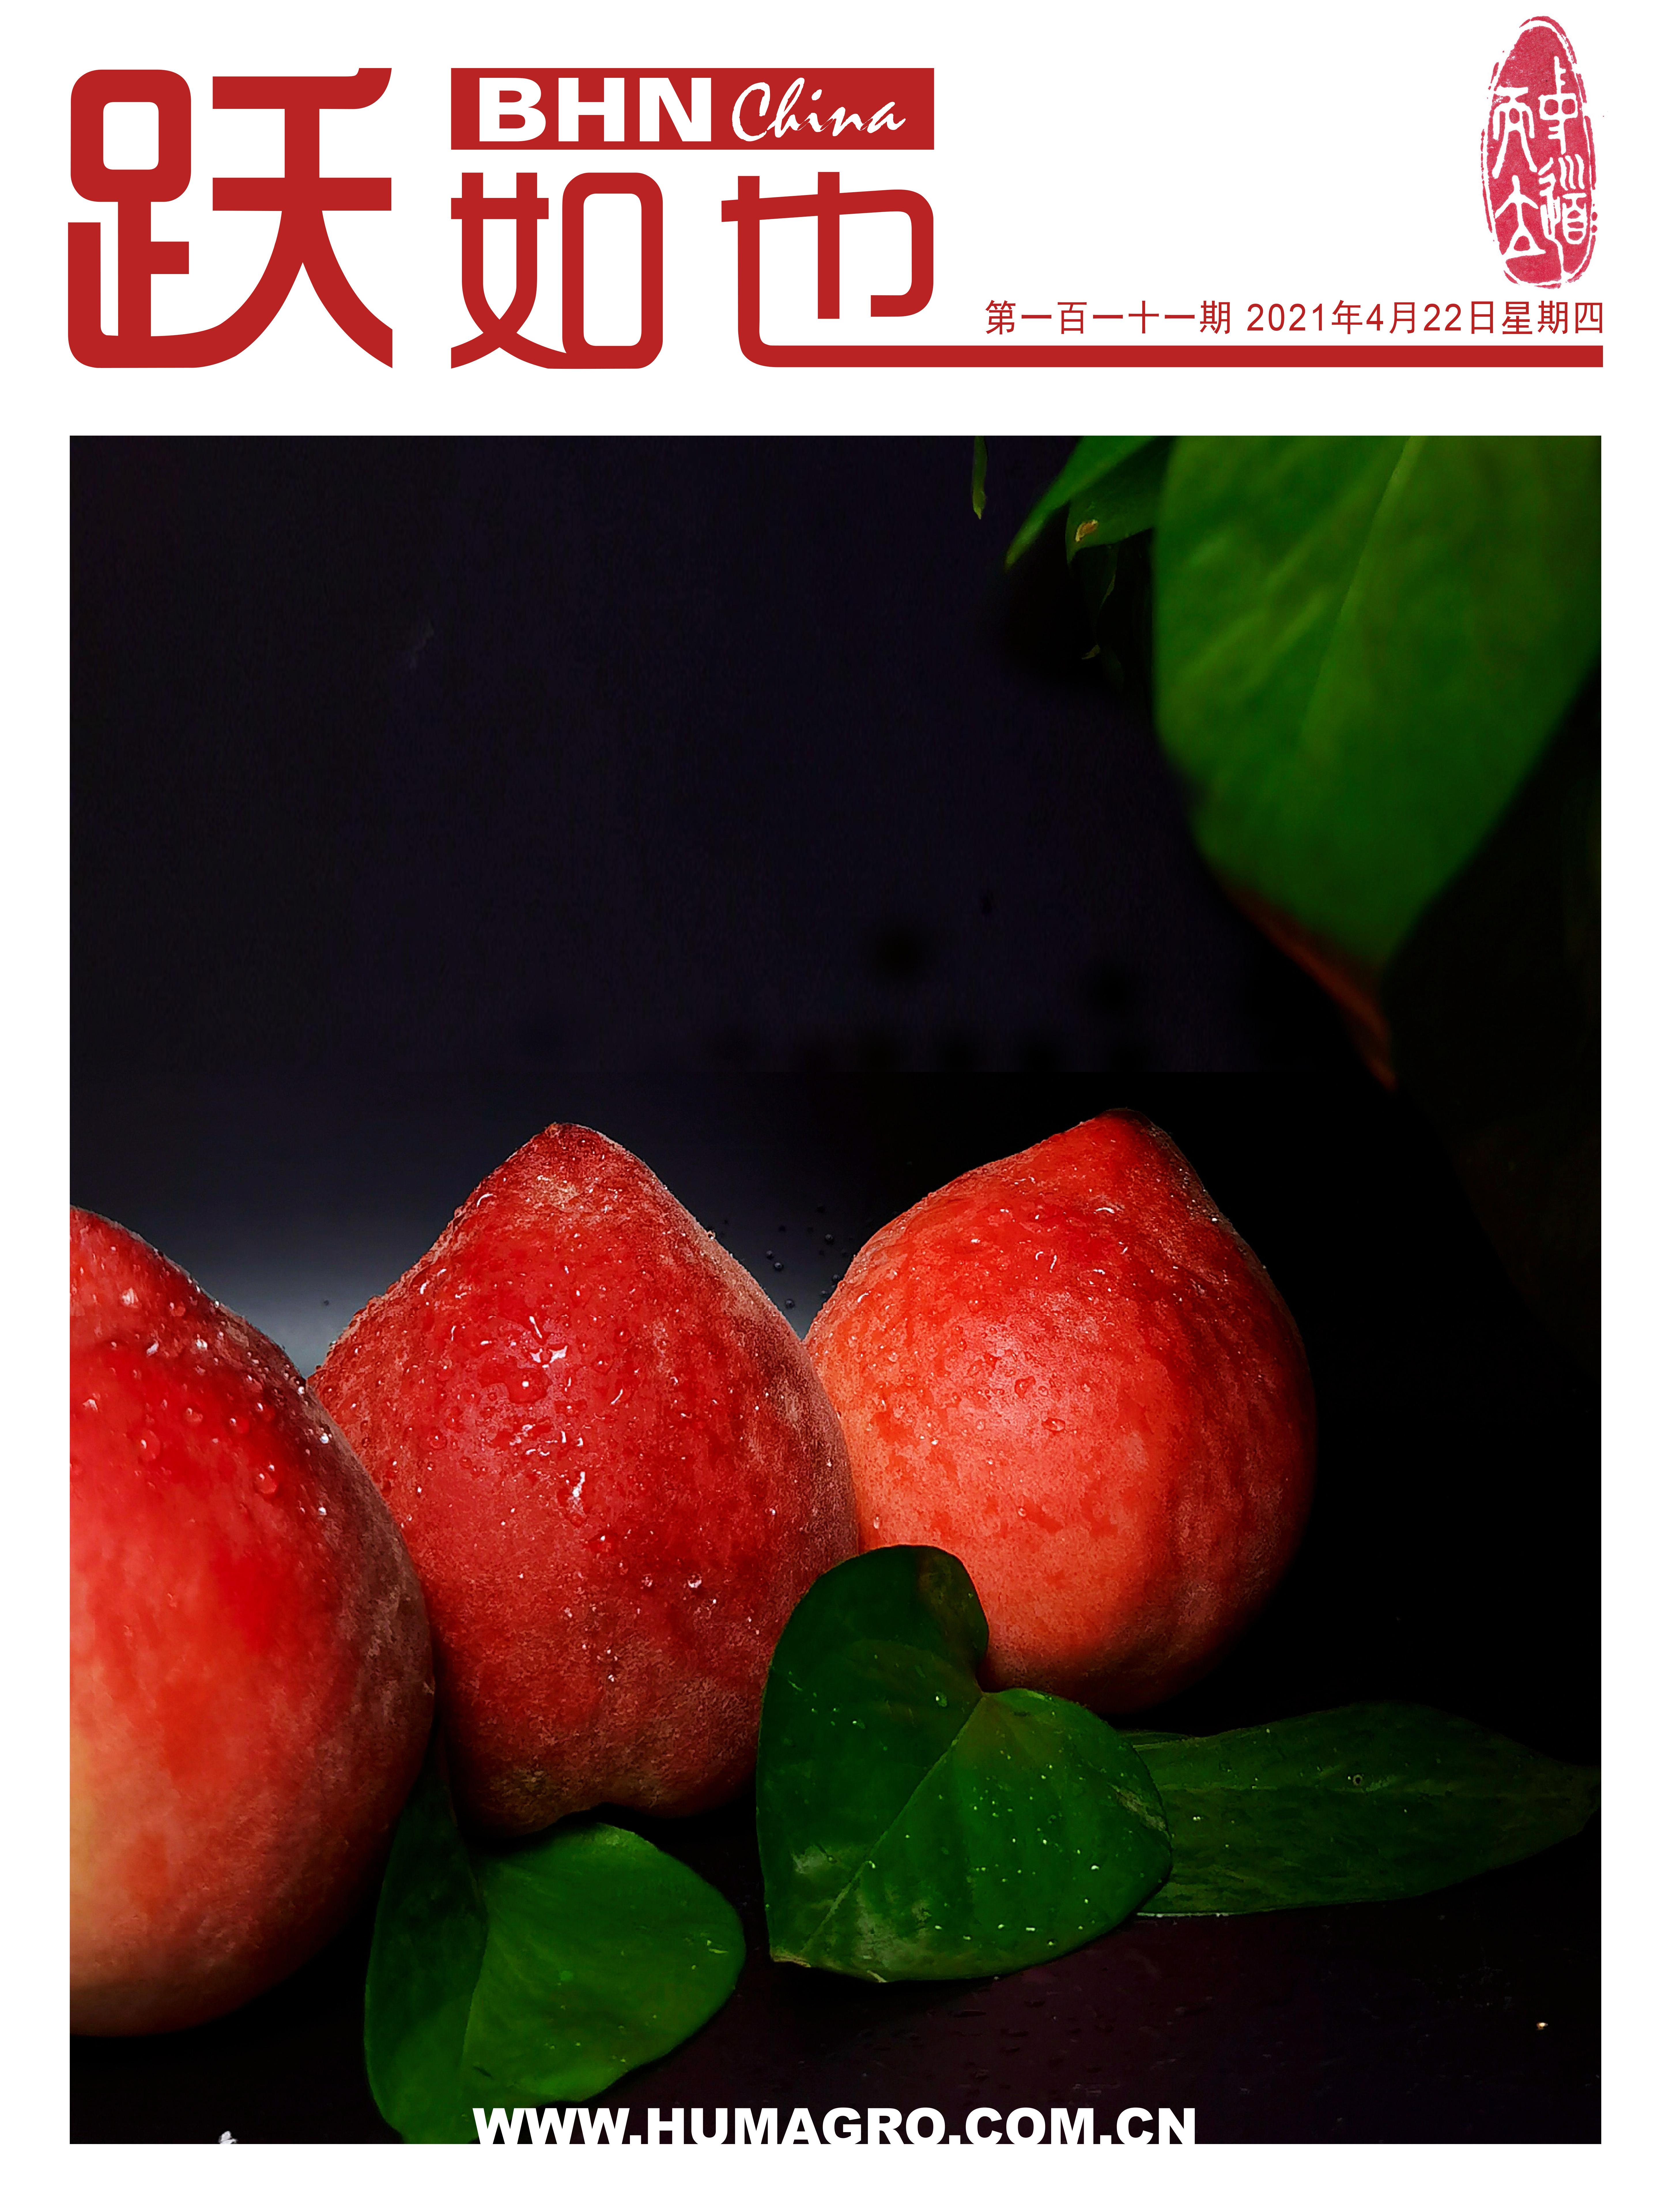 《跃如也》月刊第111期